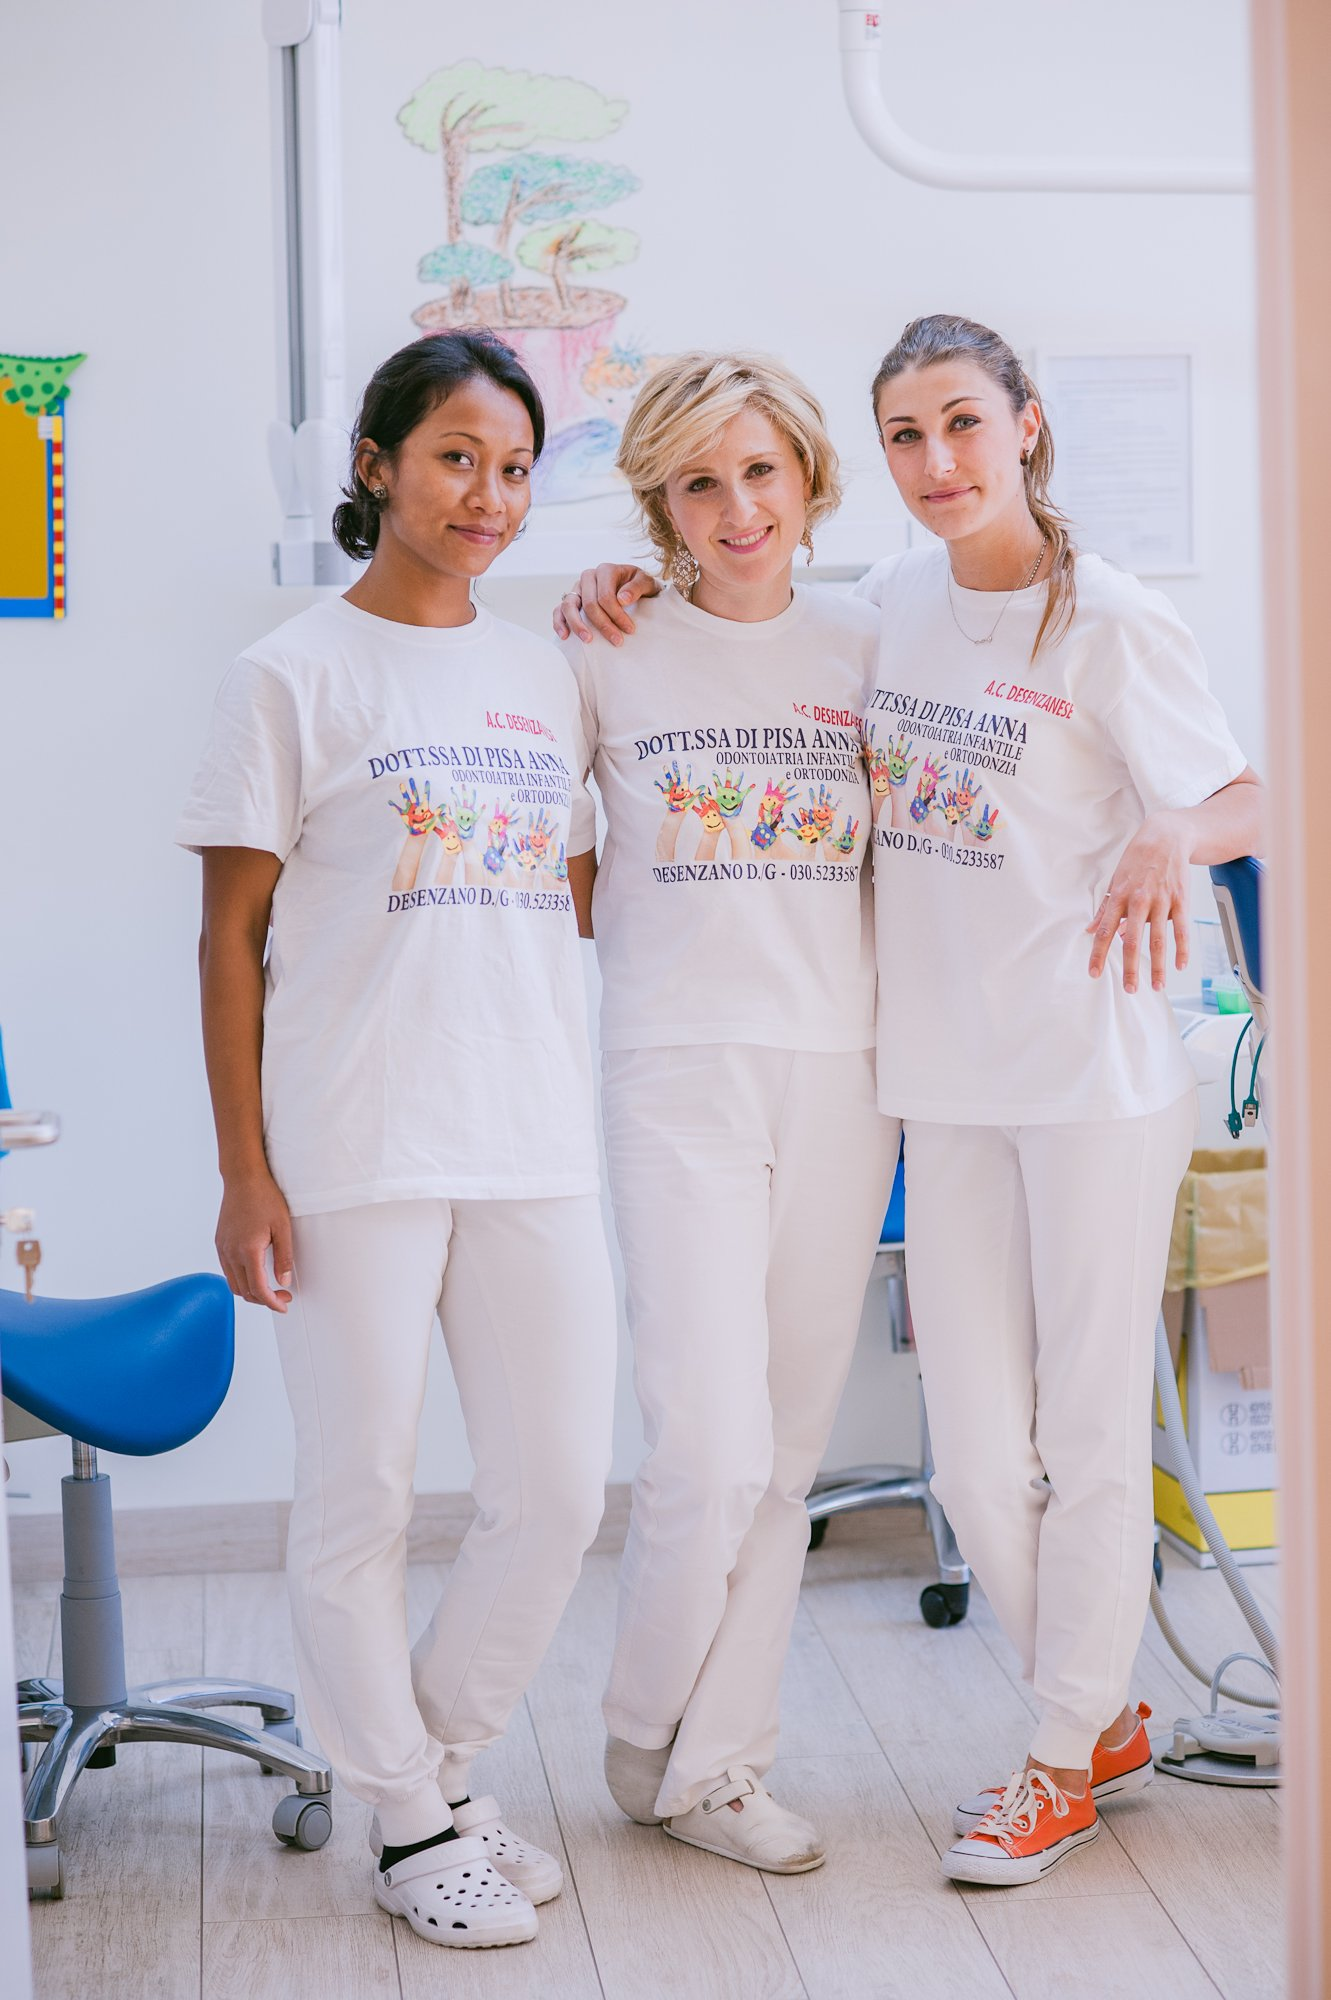 Foto di gruppo delle dentiste pediatriche